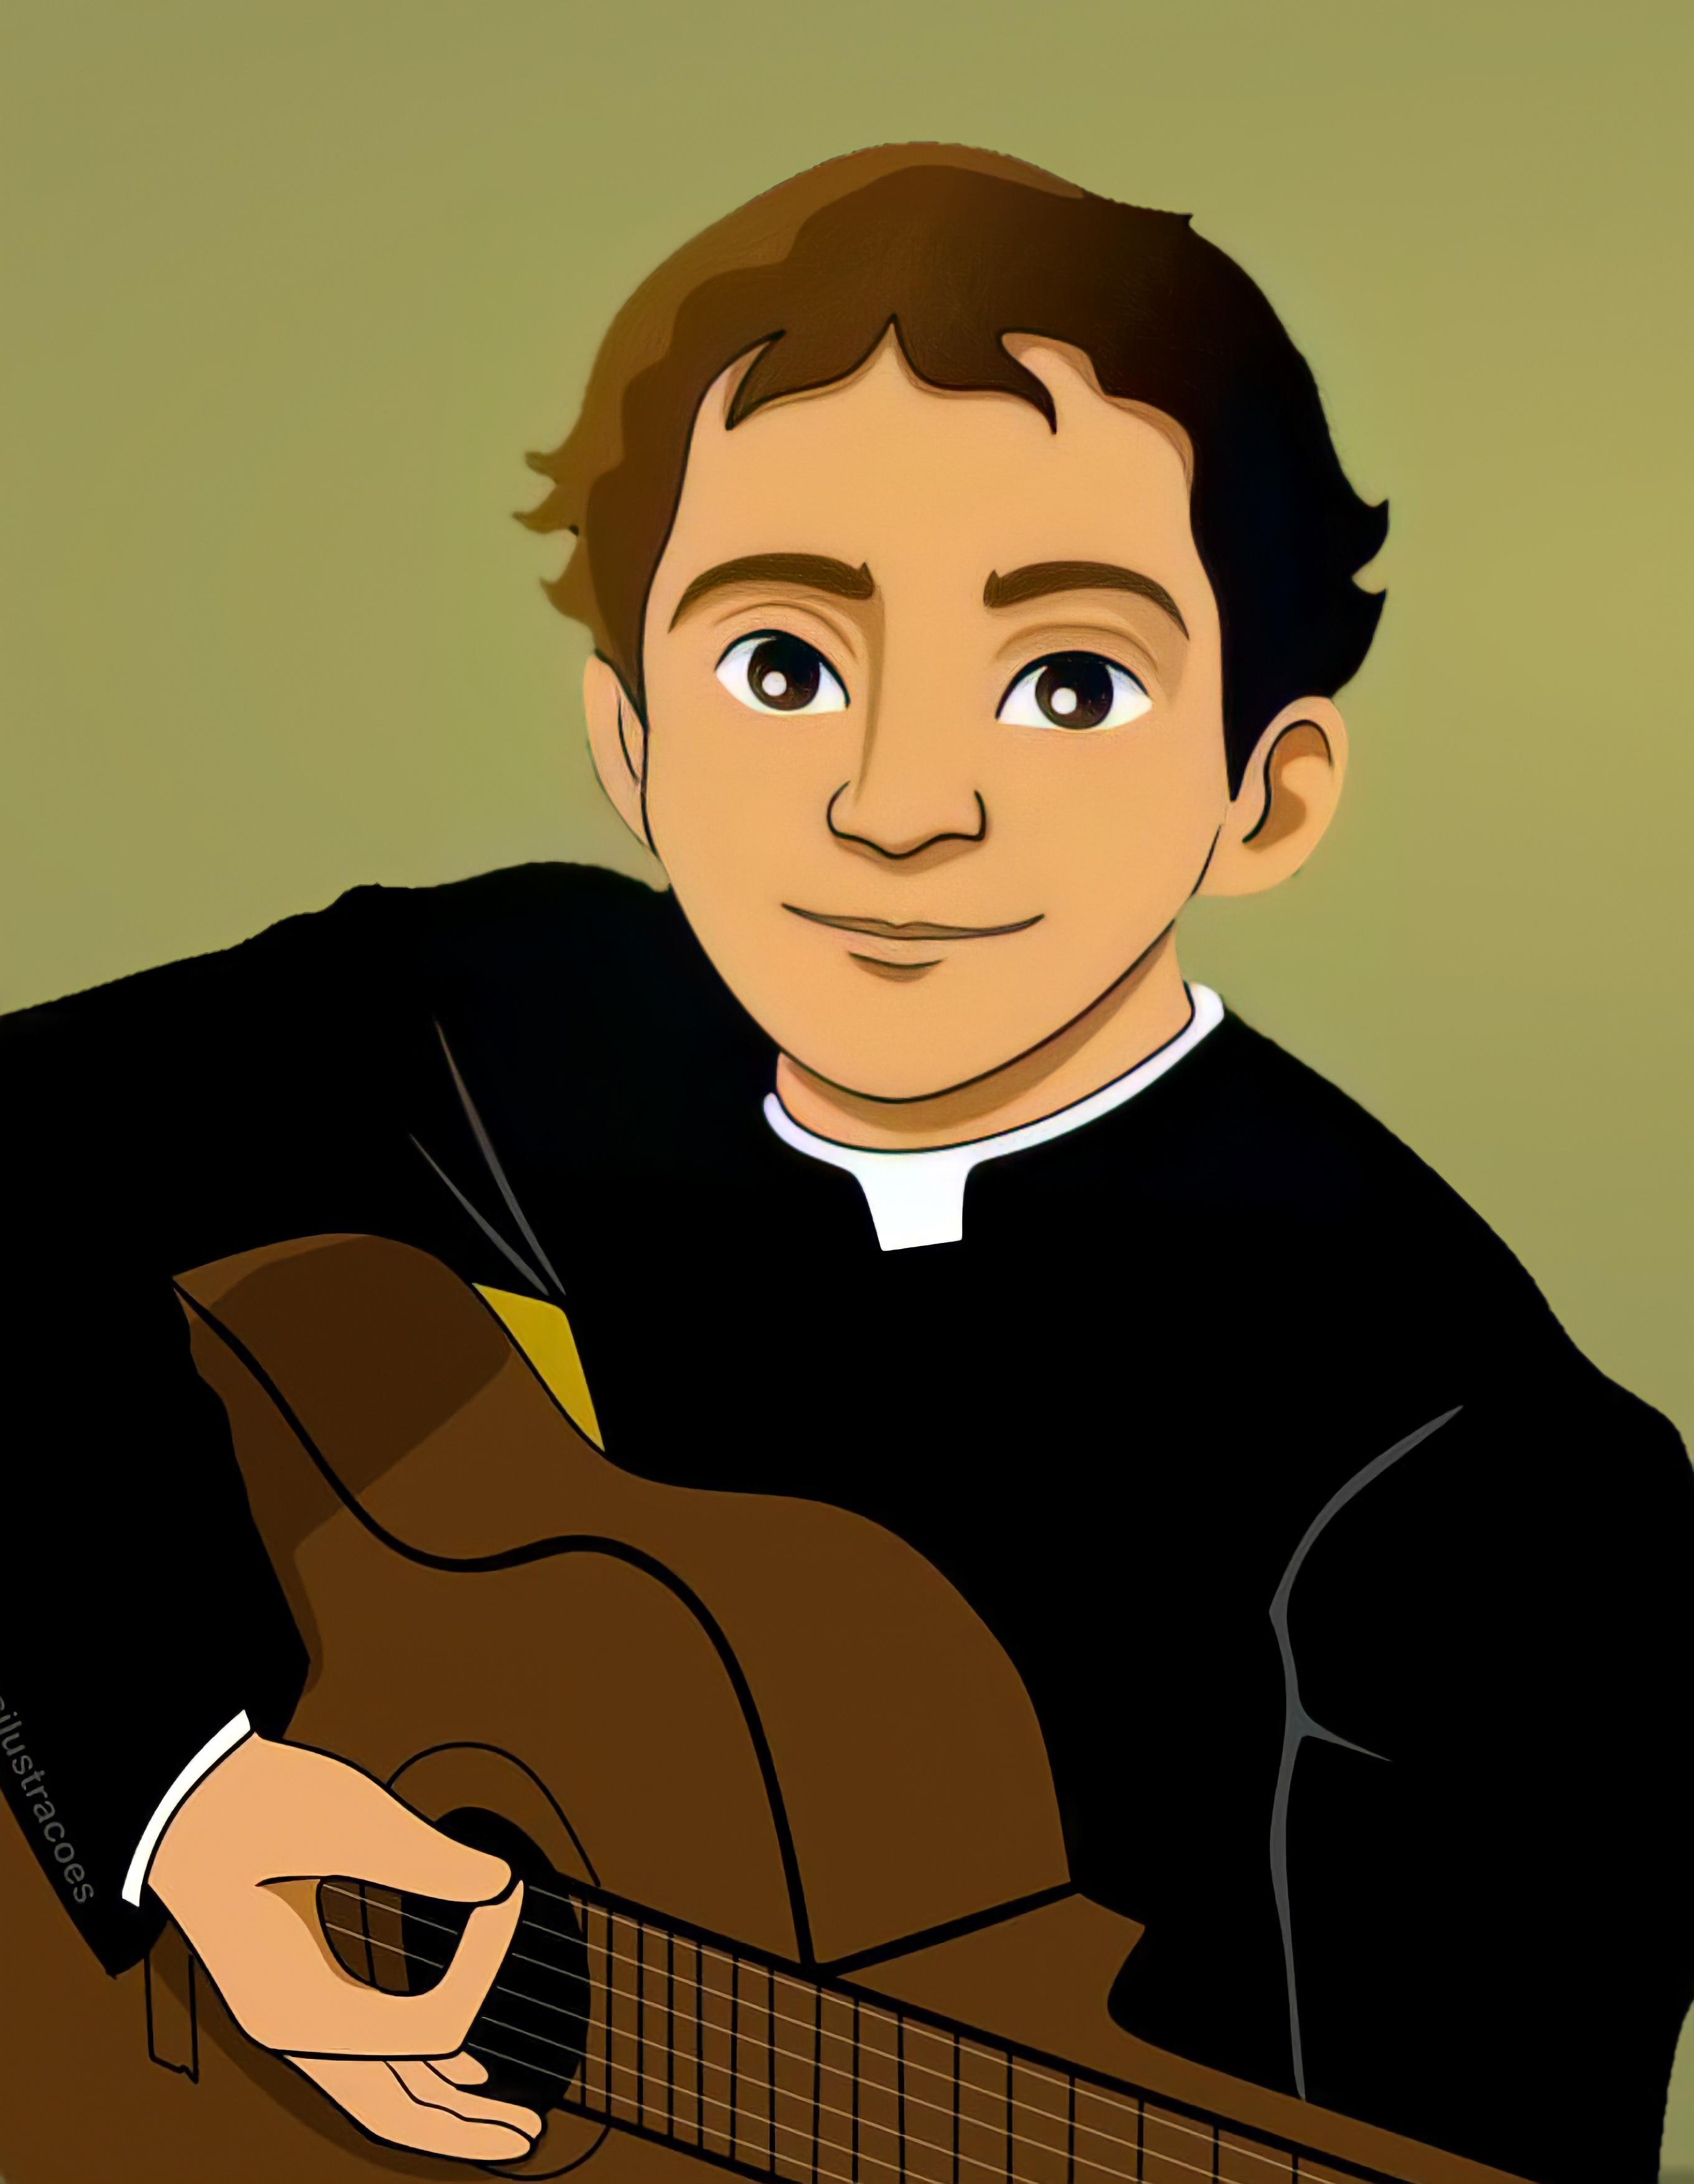 St. John Bosco, Illustration